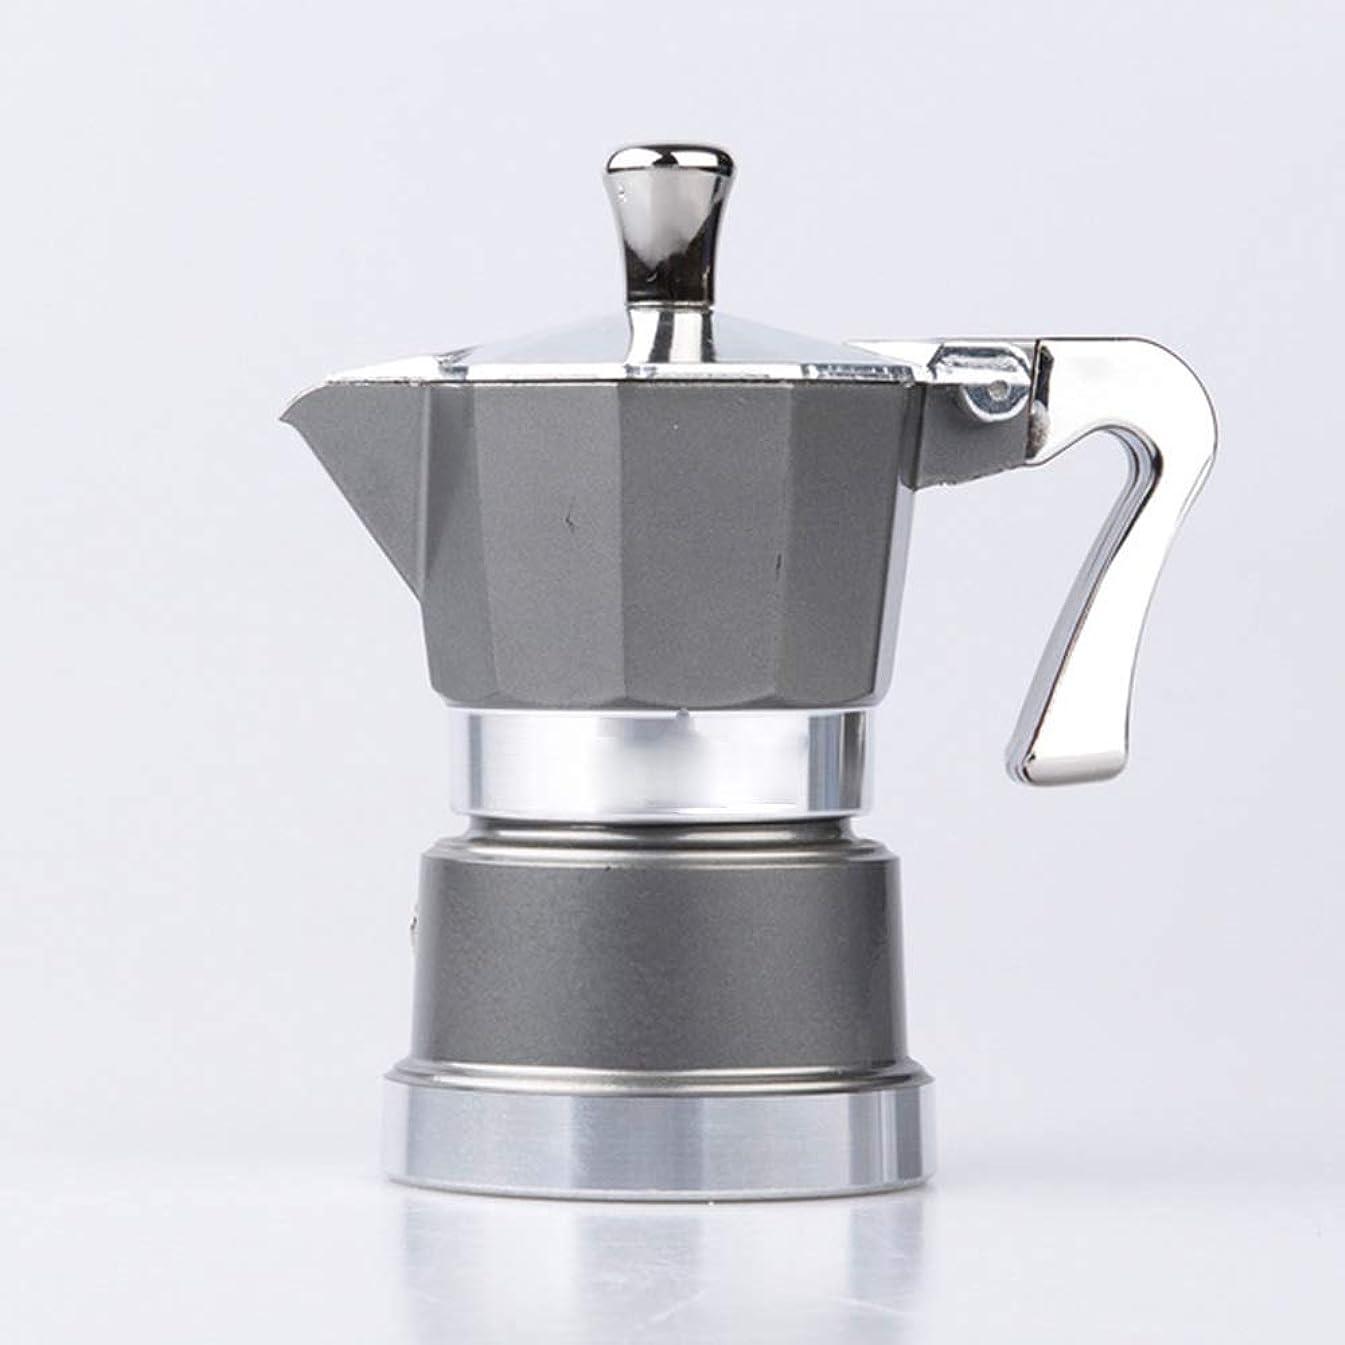 仲間プロフェッショナルカーフモカポット 高級アルミミニモカポットモカコーヒーポットコーヒーアプライアンスエスプレッソメーカー (色 : グレー, Size : 1 cup)